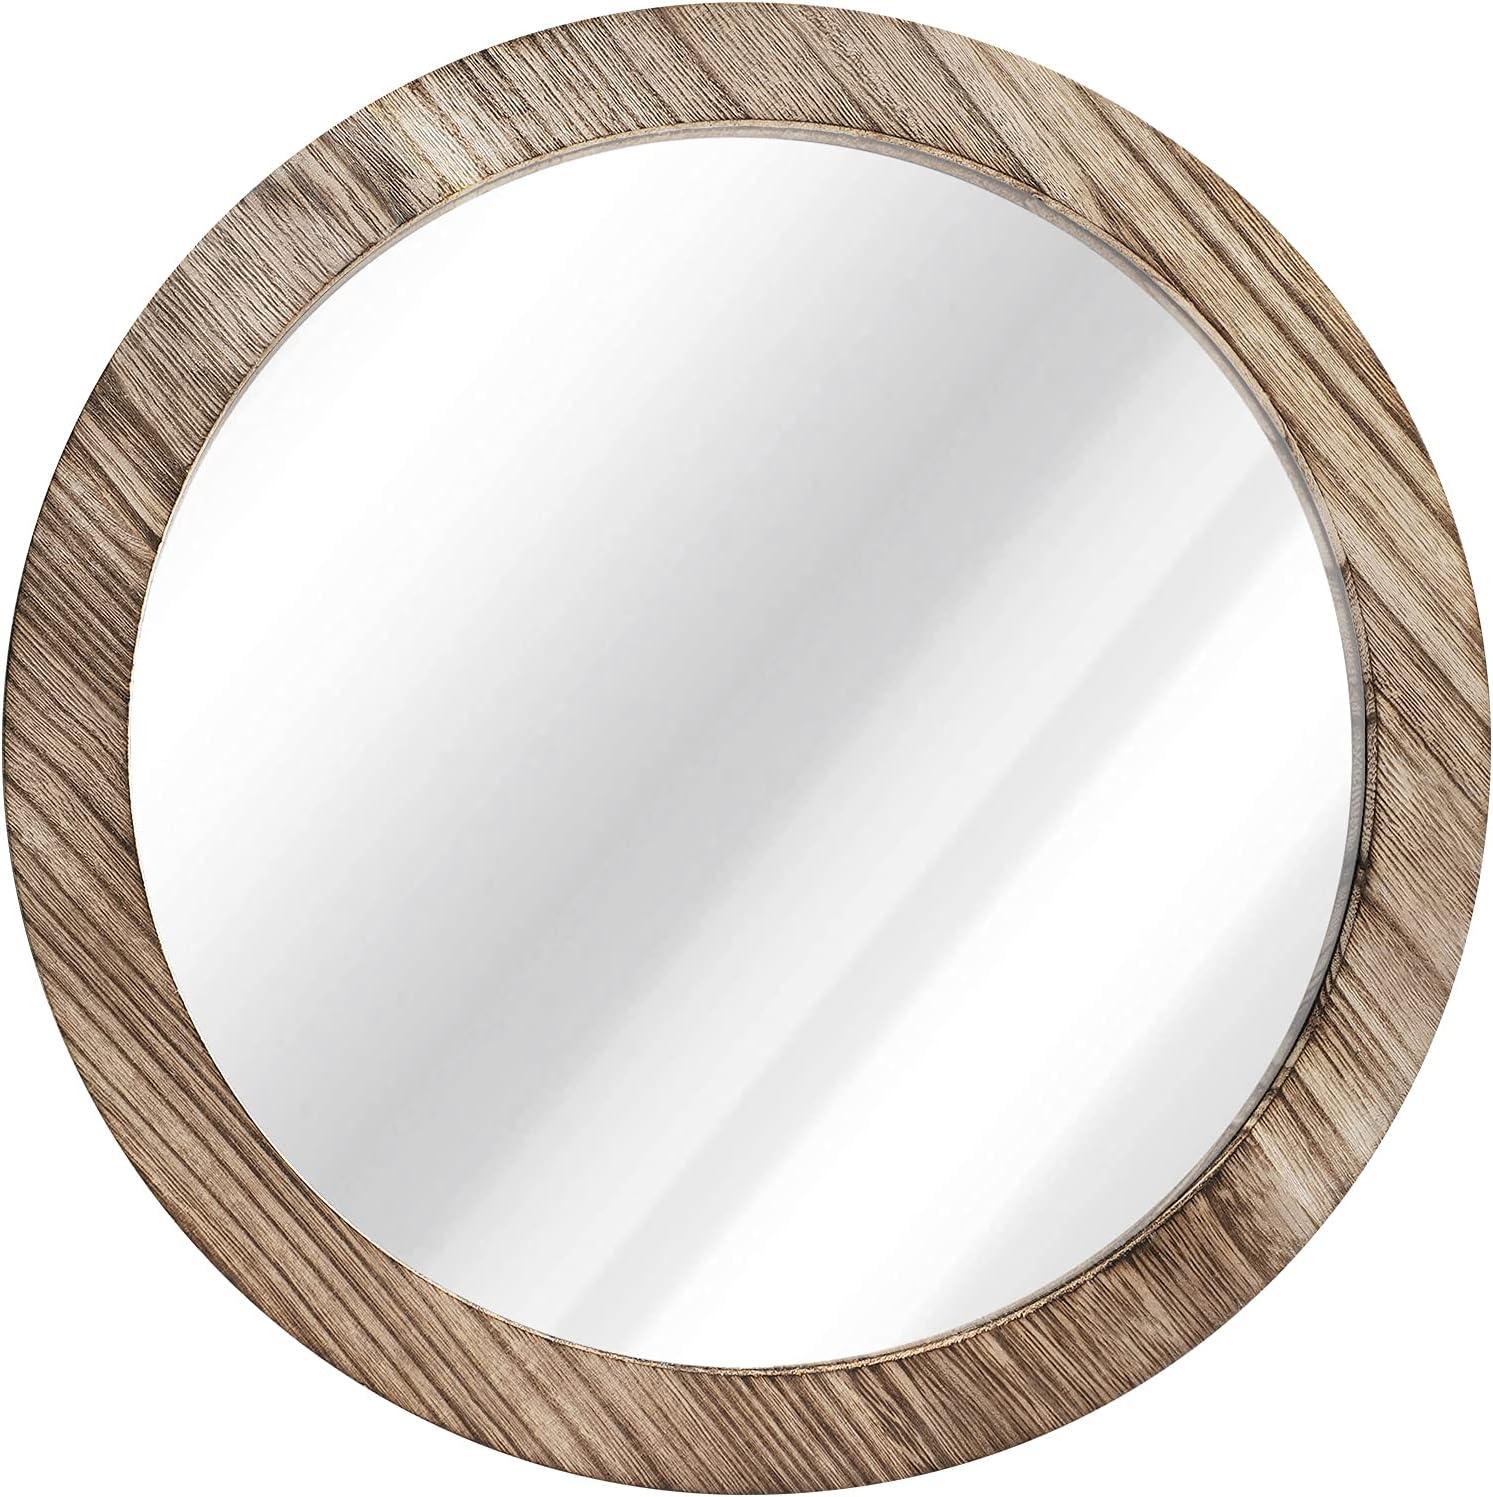 Round Wall Mirror 12